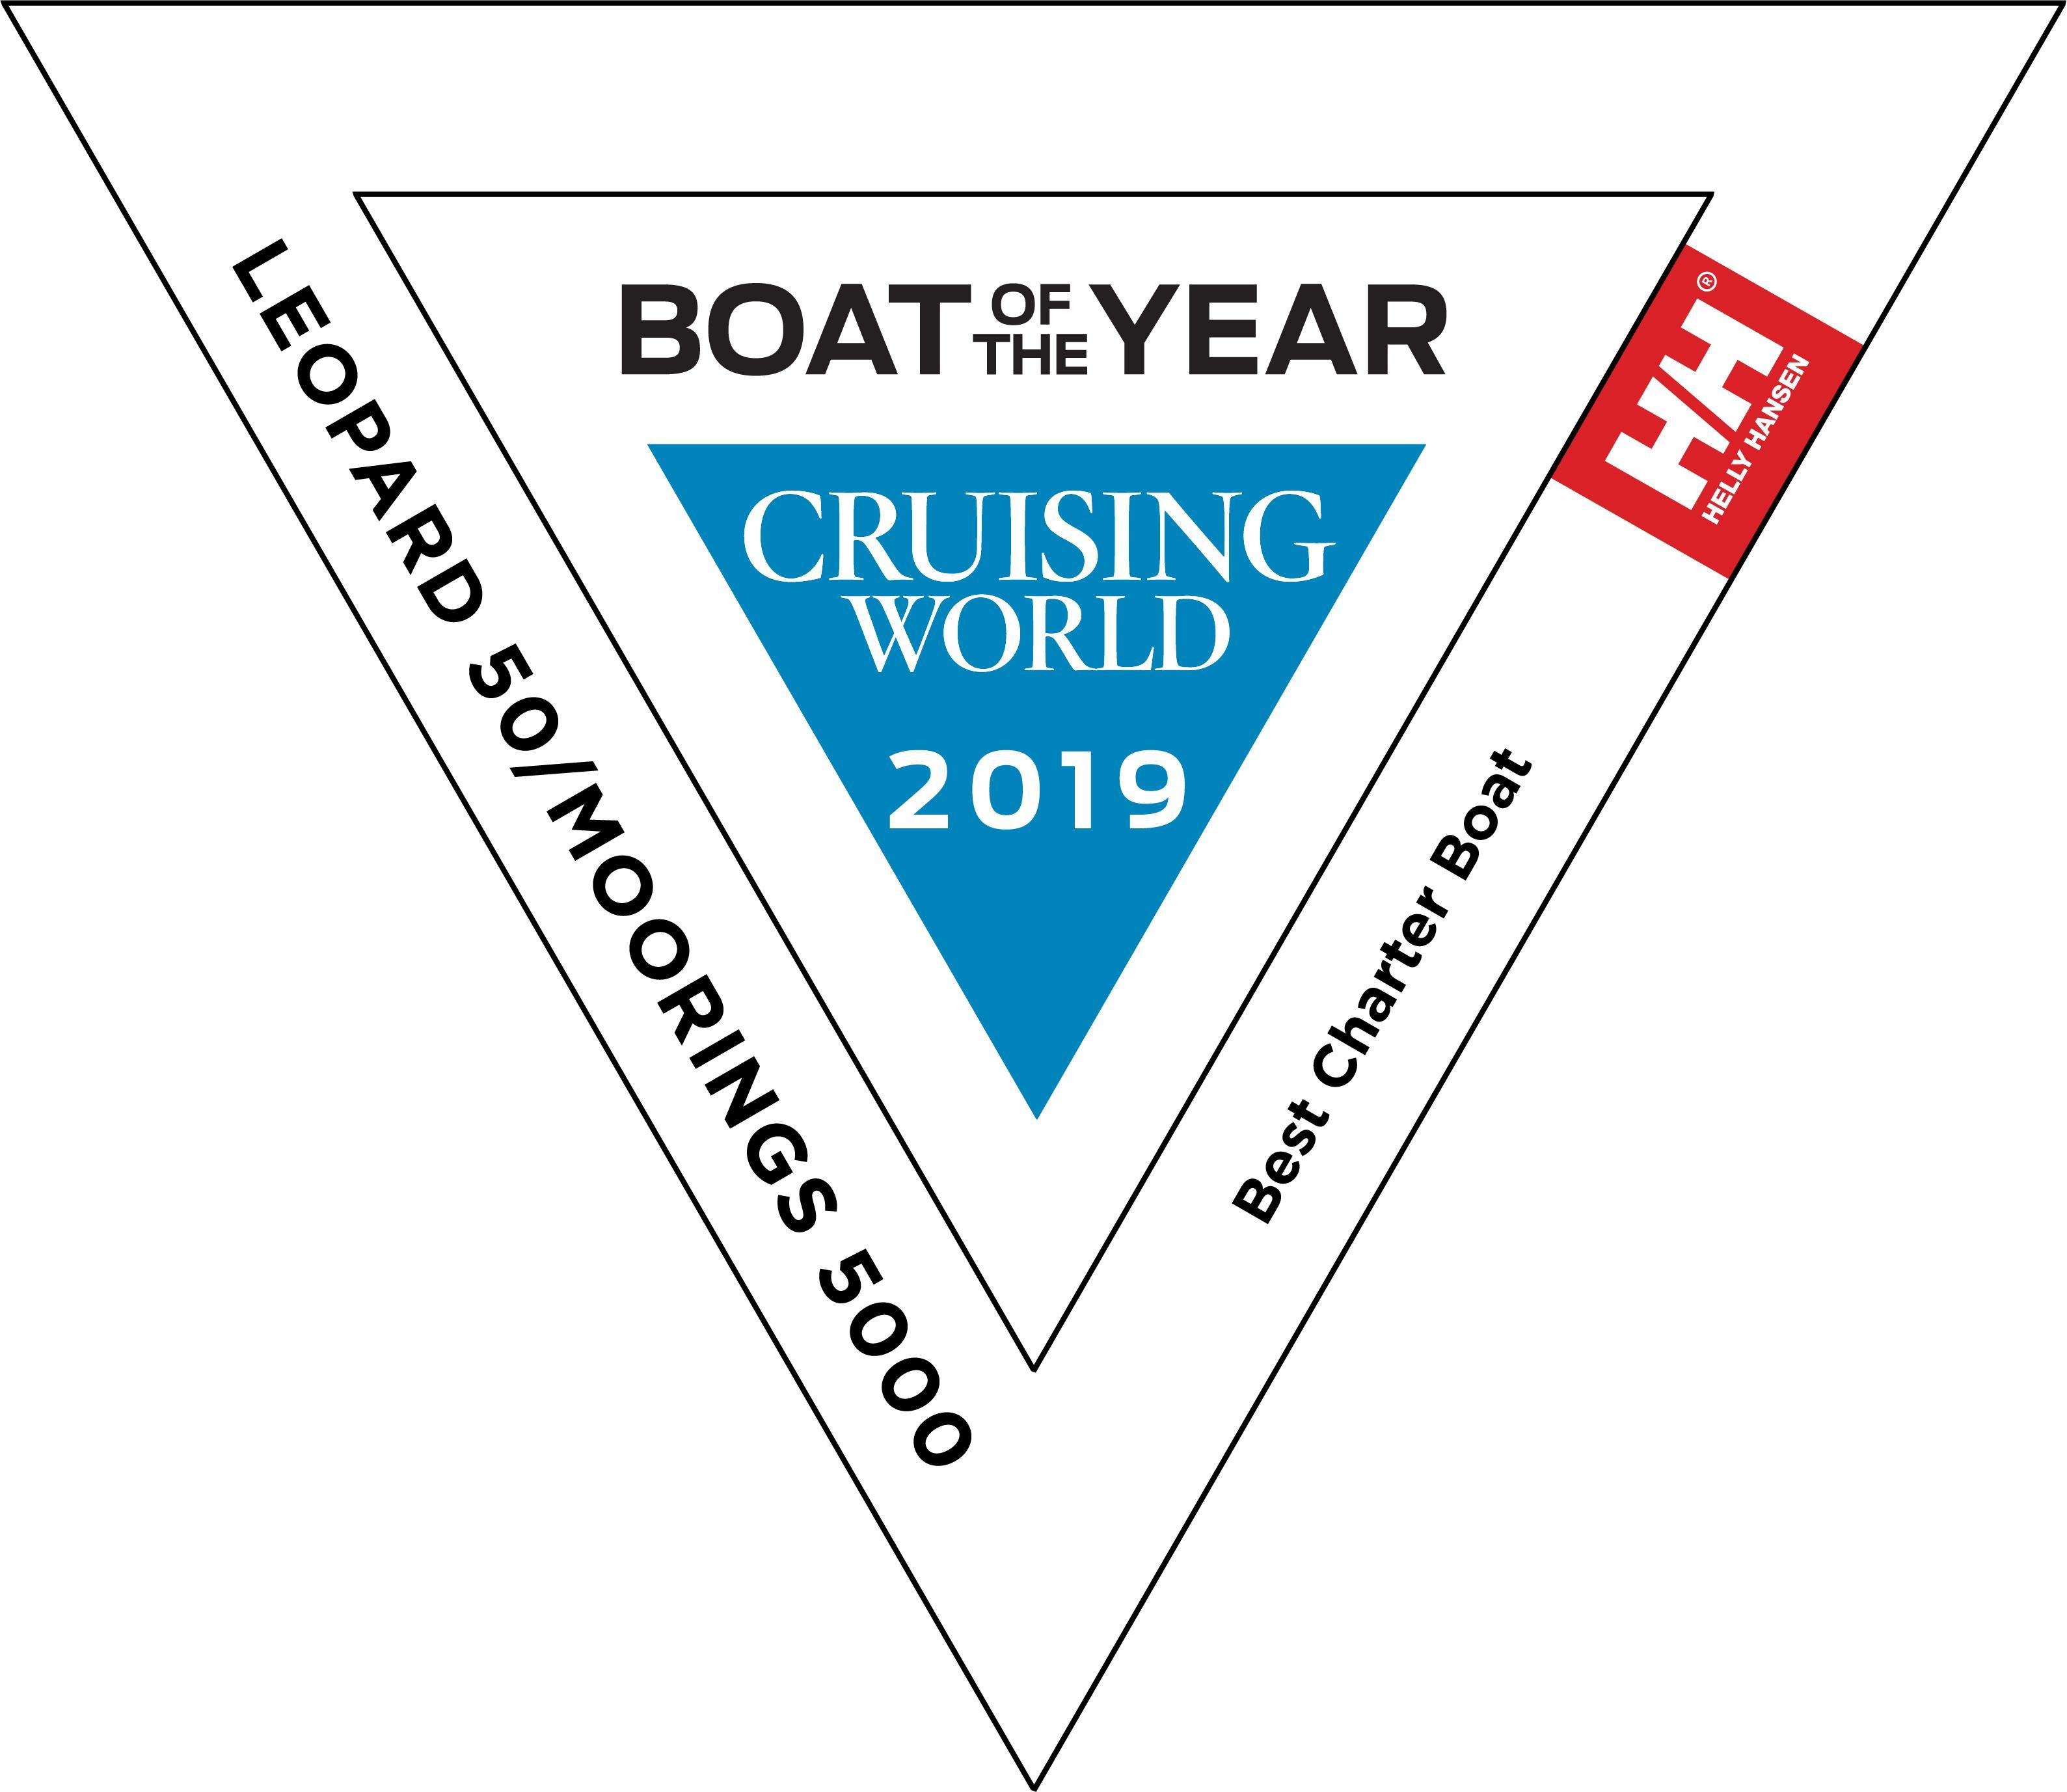 crw boty logo hh 2018 best charter boat  19de8476512